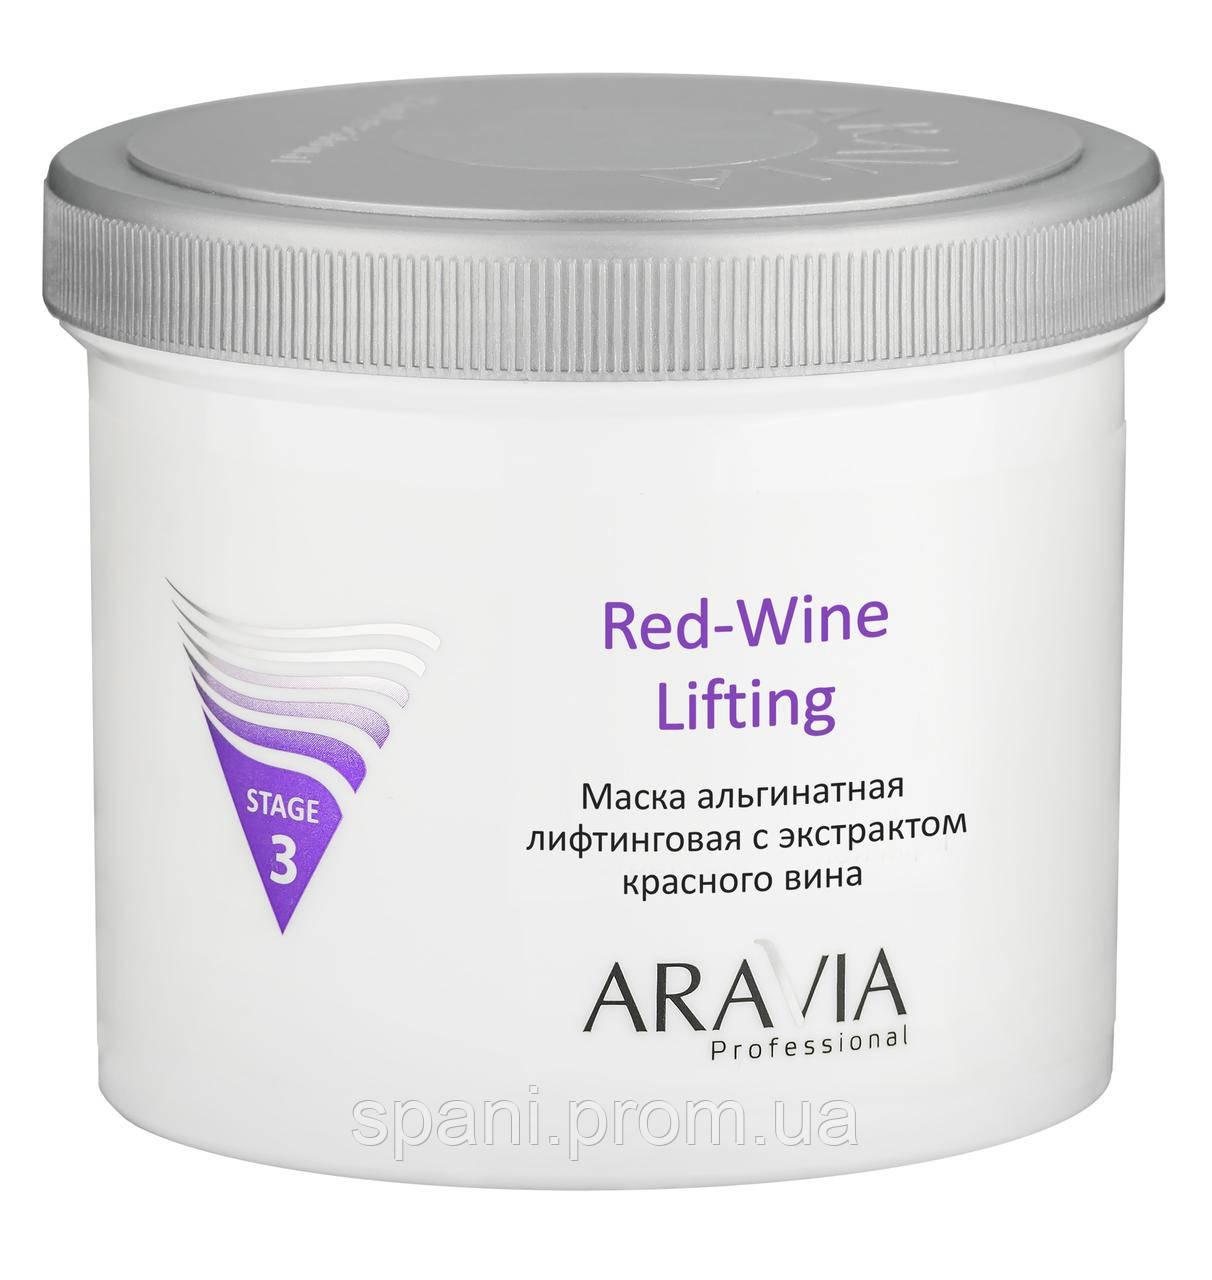 """""""ARAVIA Professional"""" Маска альгинатная лифтинговая с экстрактом красного вина Red-Wine Lifting, 550 мл."""